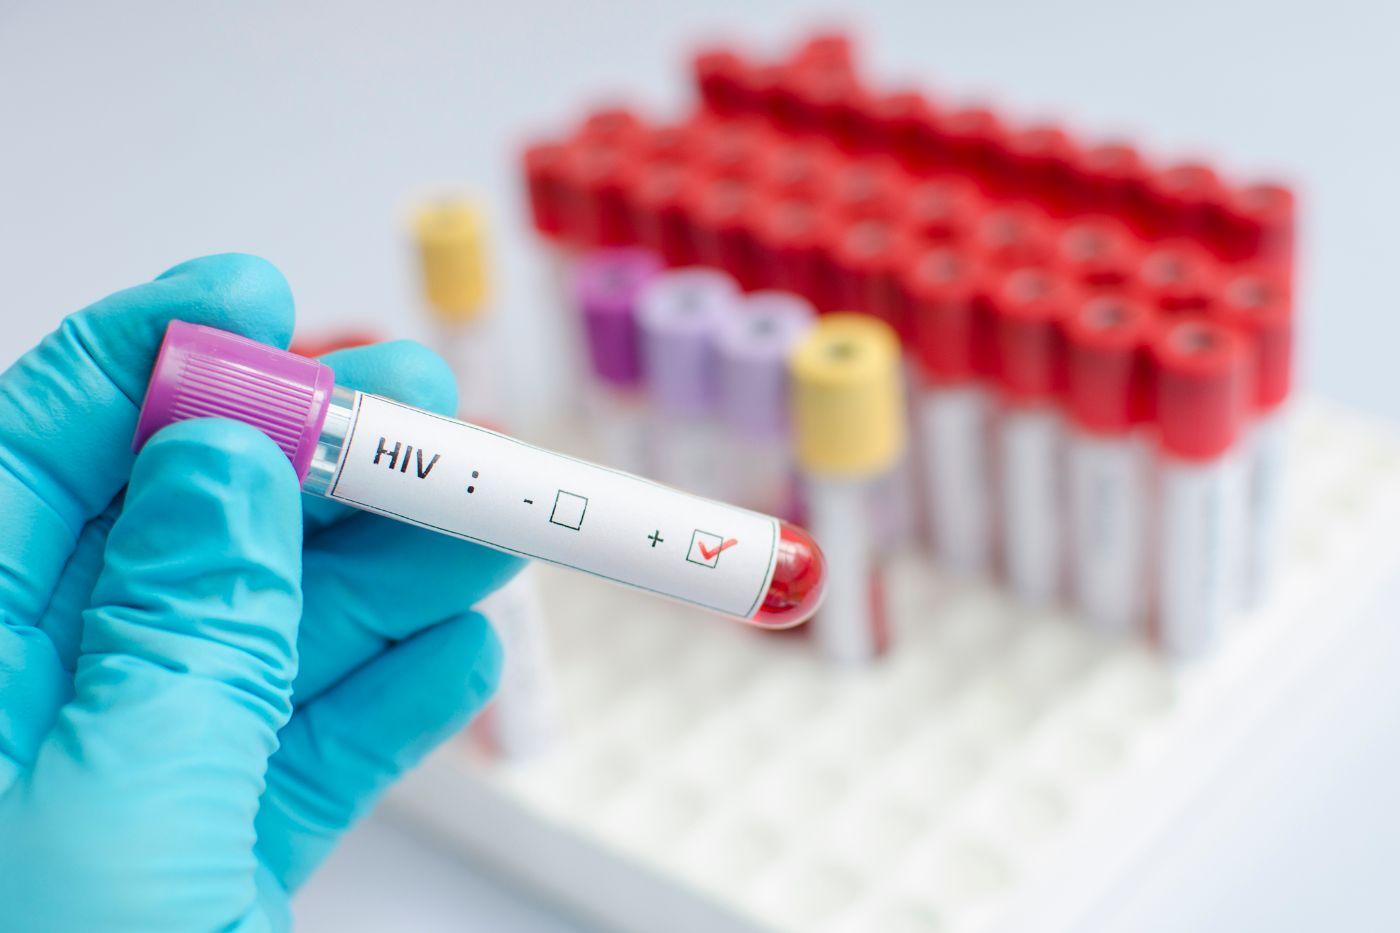 HIV apitherapy